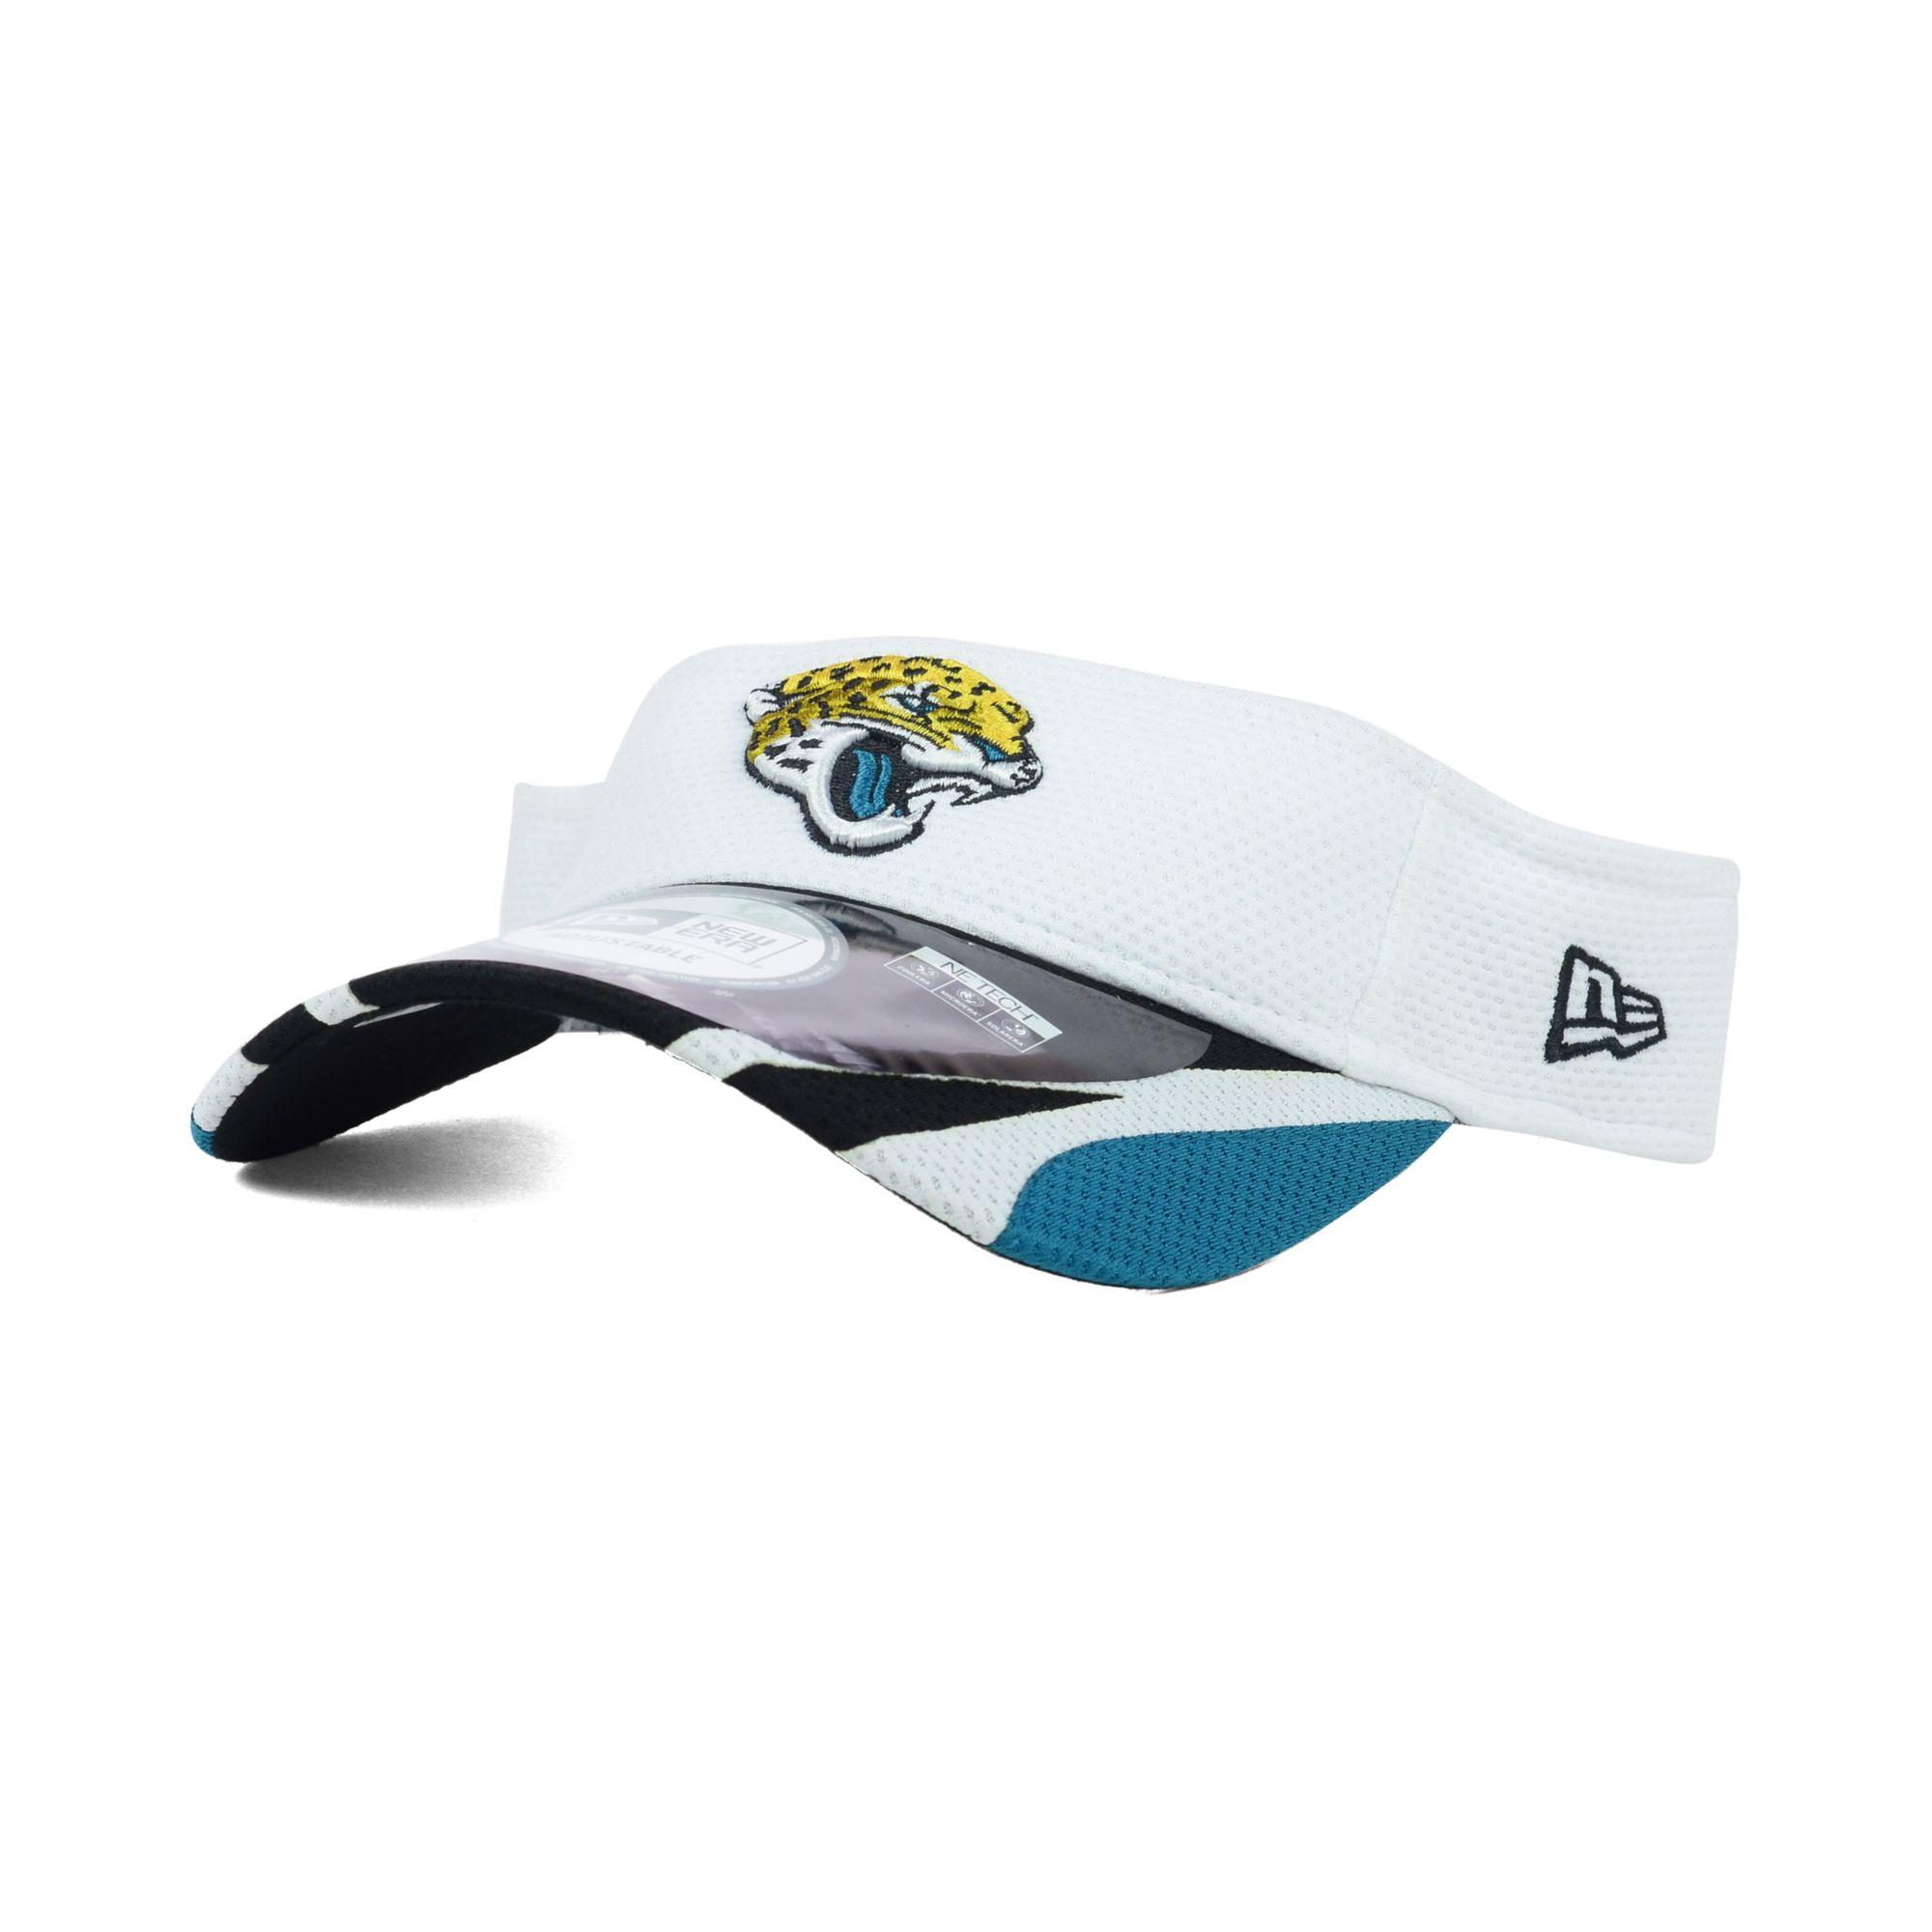 finest selection cf687 d40b3 Lyst - KTZ Jacksonville Jaguars Training Camp Visor in White for Men